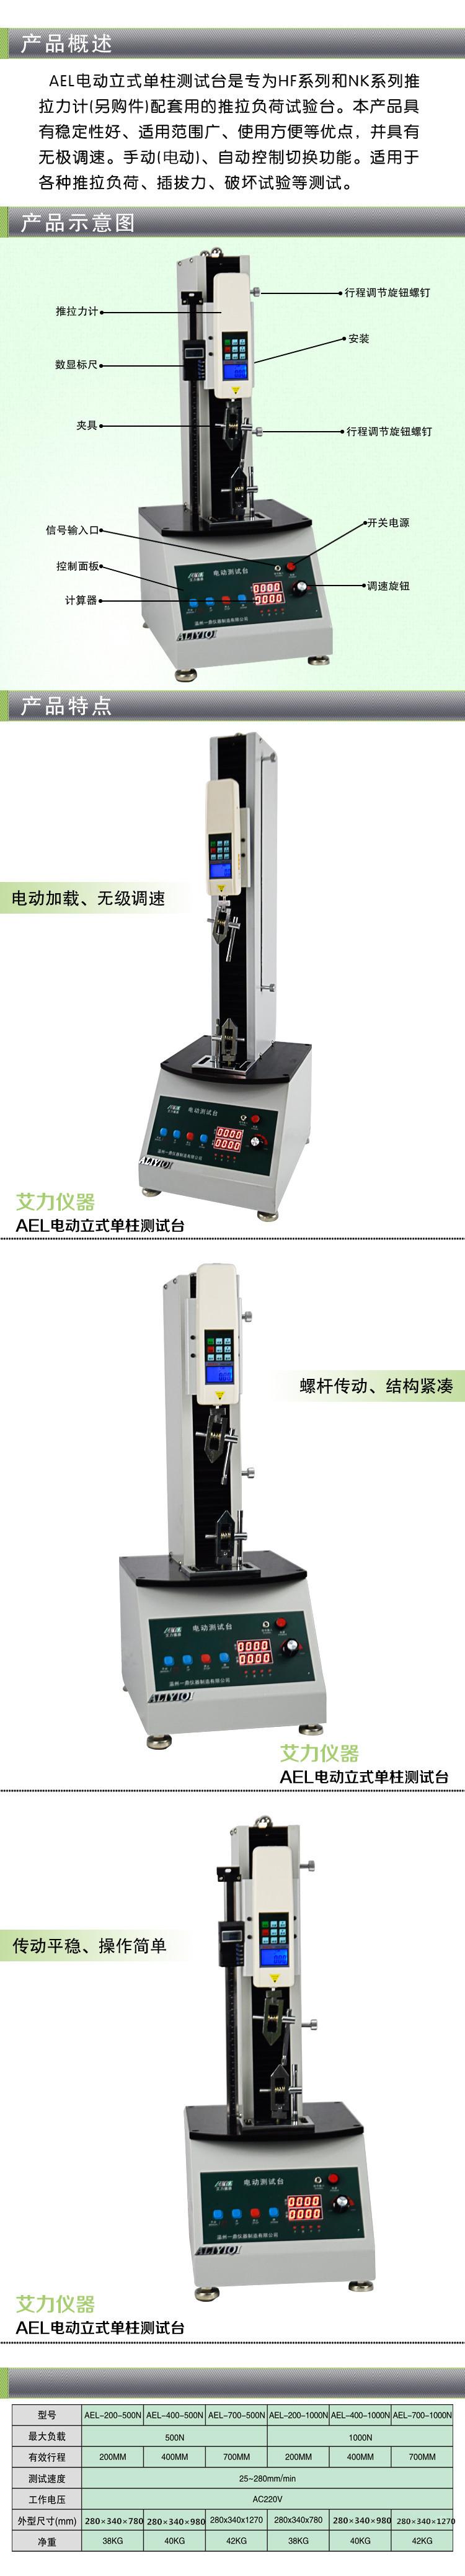 AEL电动单柱测试机台